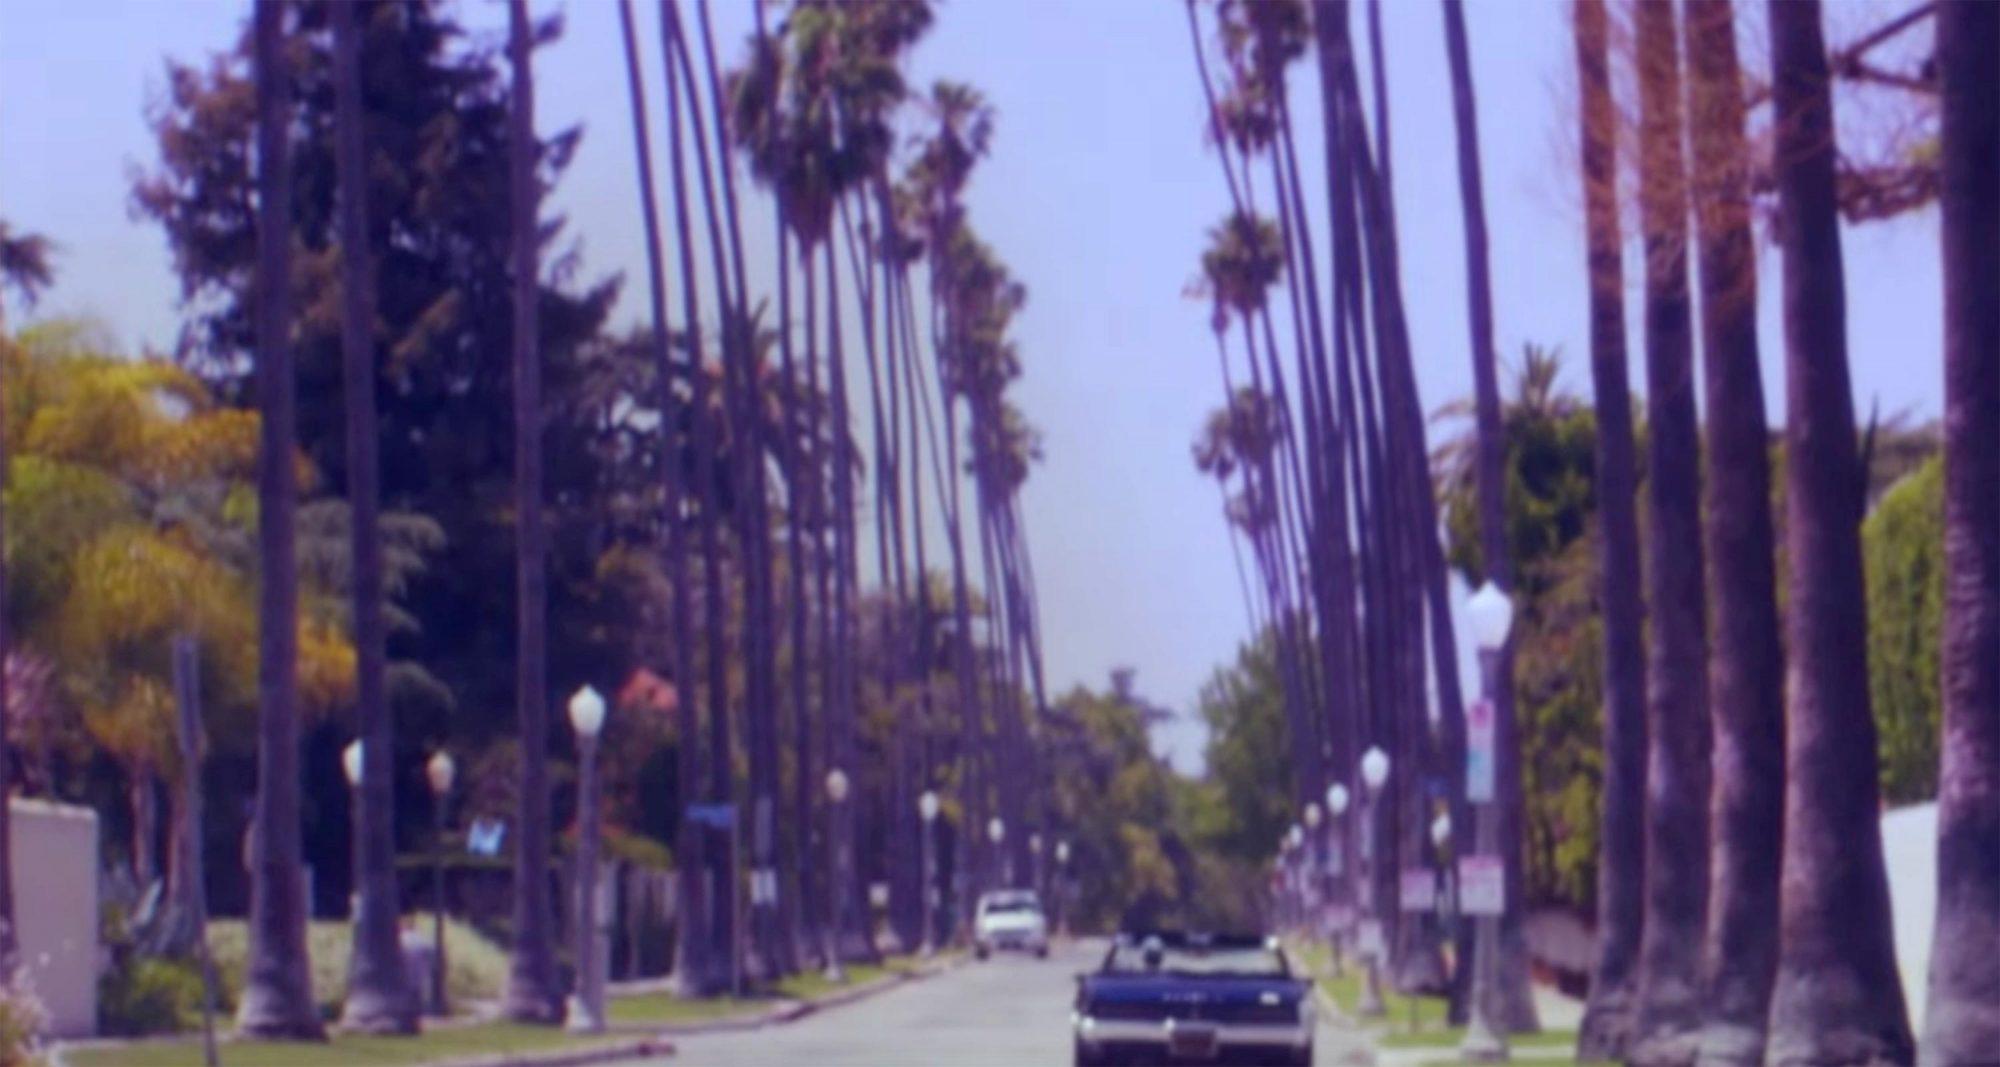 Lana Del Rey screen grabAmerican videoCR: Lana Del Rey VEVO/YouTube